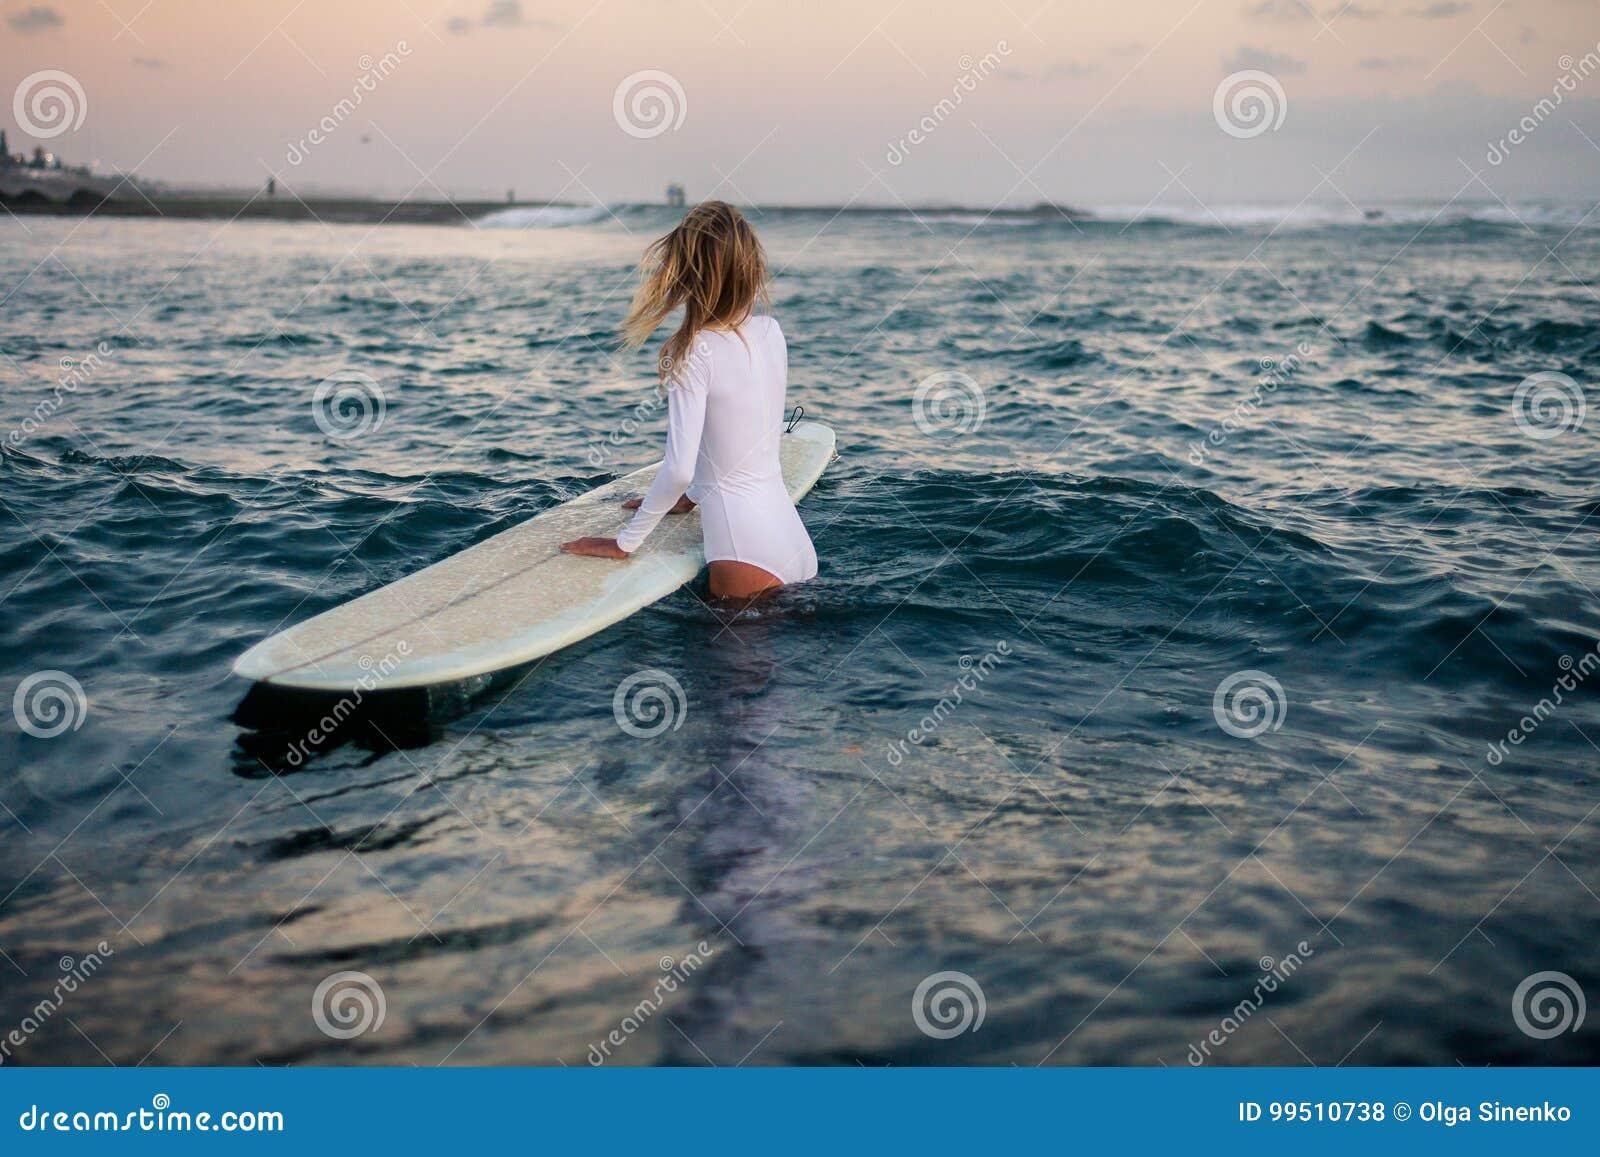 Kobieta surfingowiec z deską w rękach przy plażą